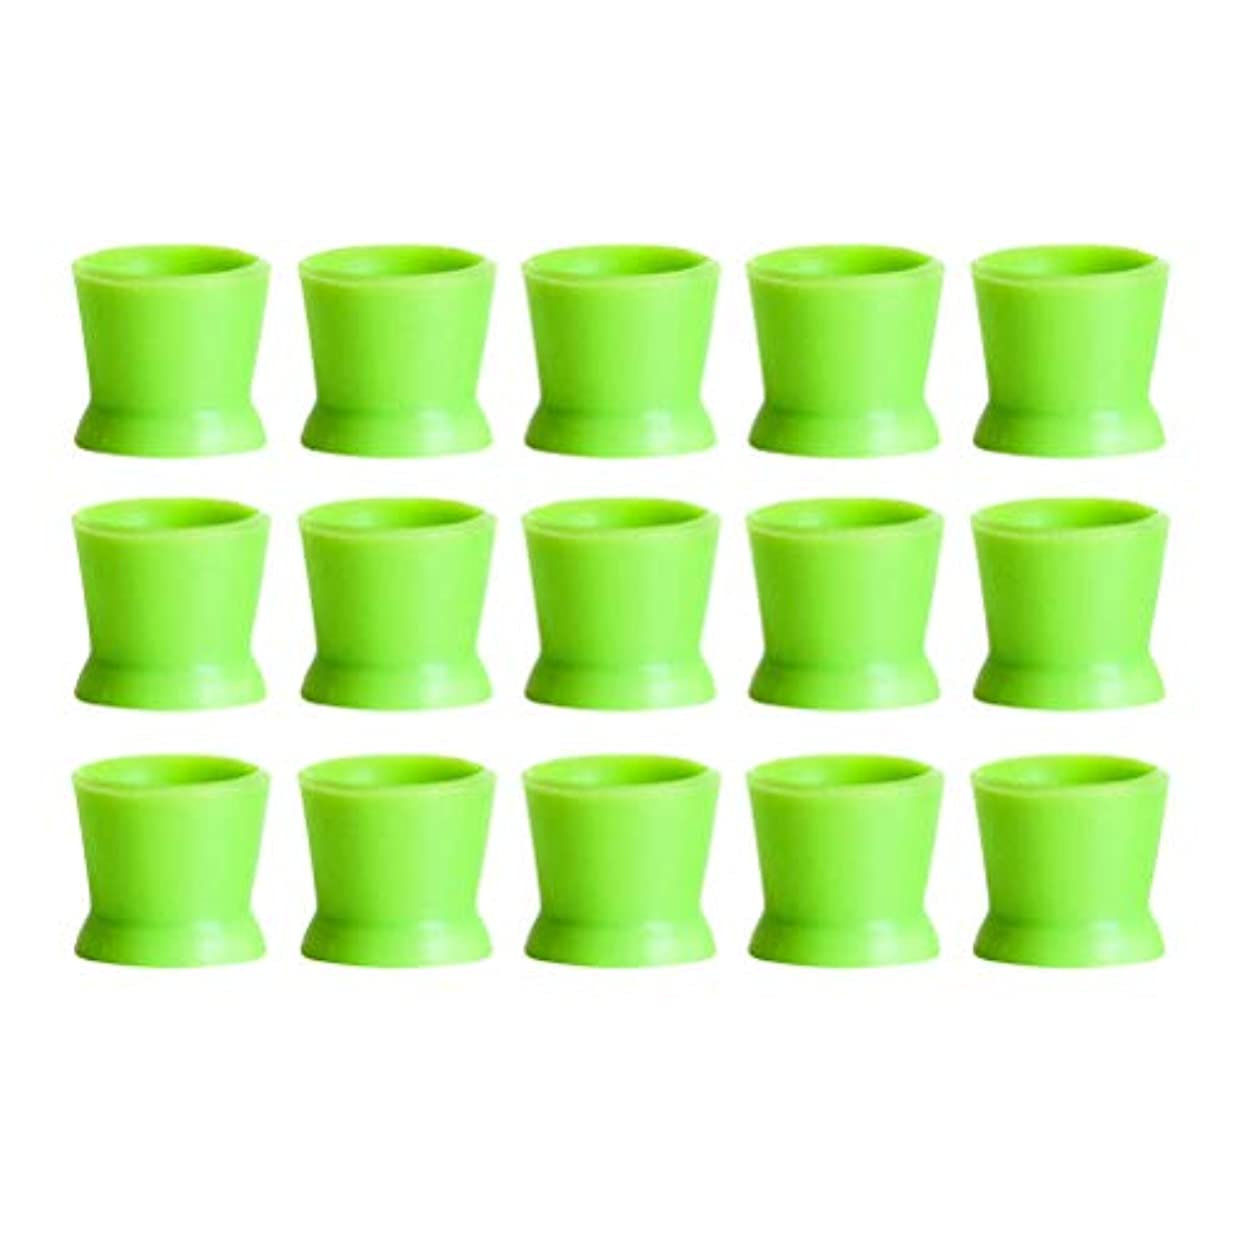 ドライモデレータ空白Healifty 300PCSシリコンタトゥーインクカップ使い捨てマイクロブレーディングピグメントキャップホルダーコンテナ永久的なまつげメイクアップアイブロー(グリーン)